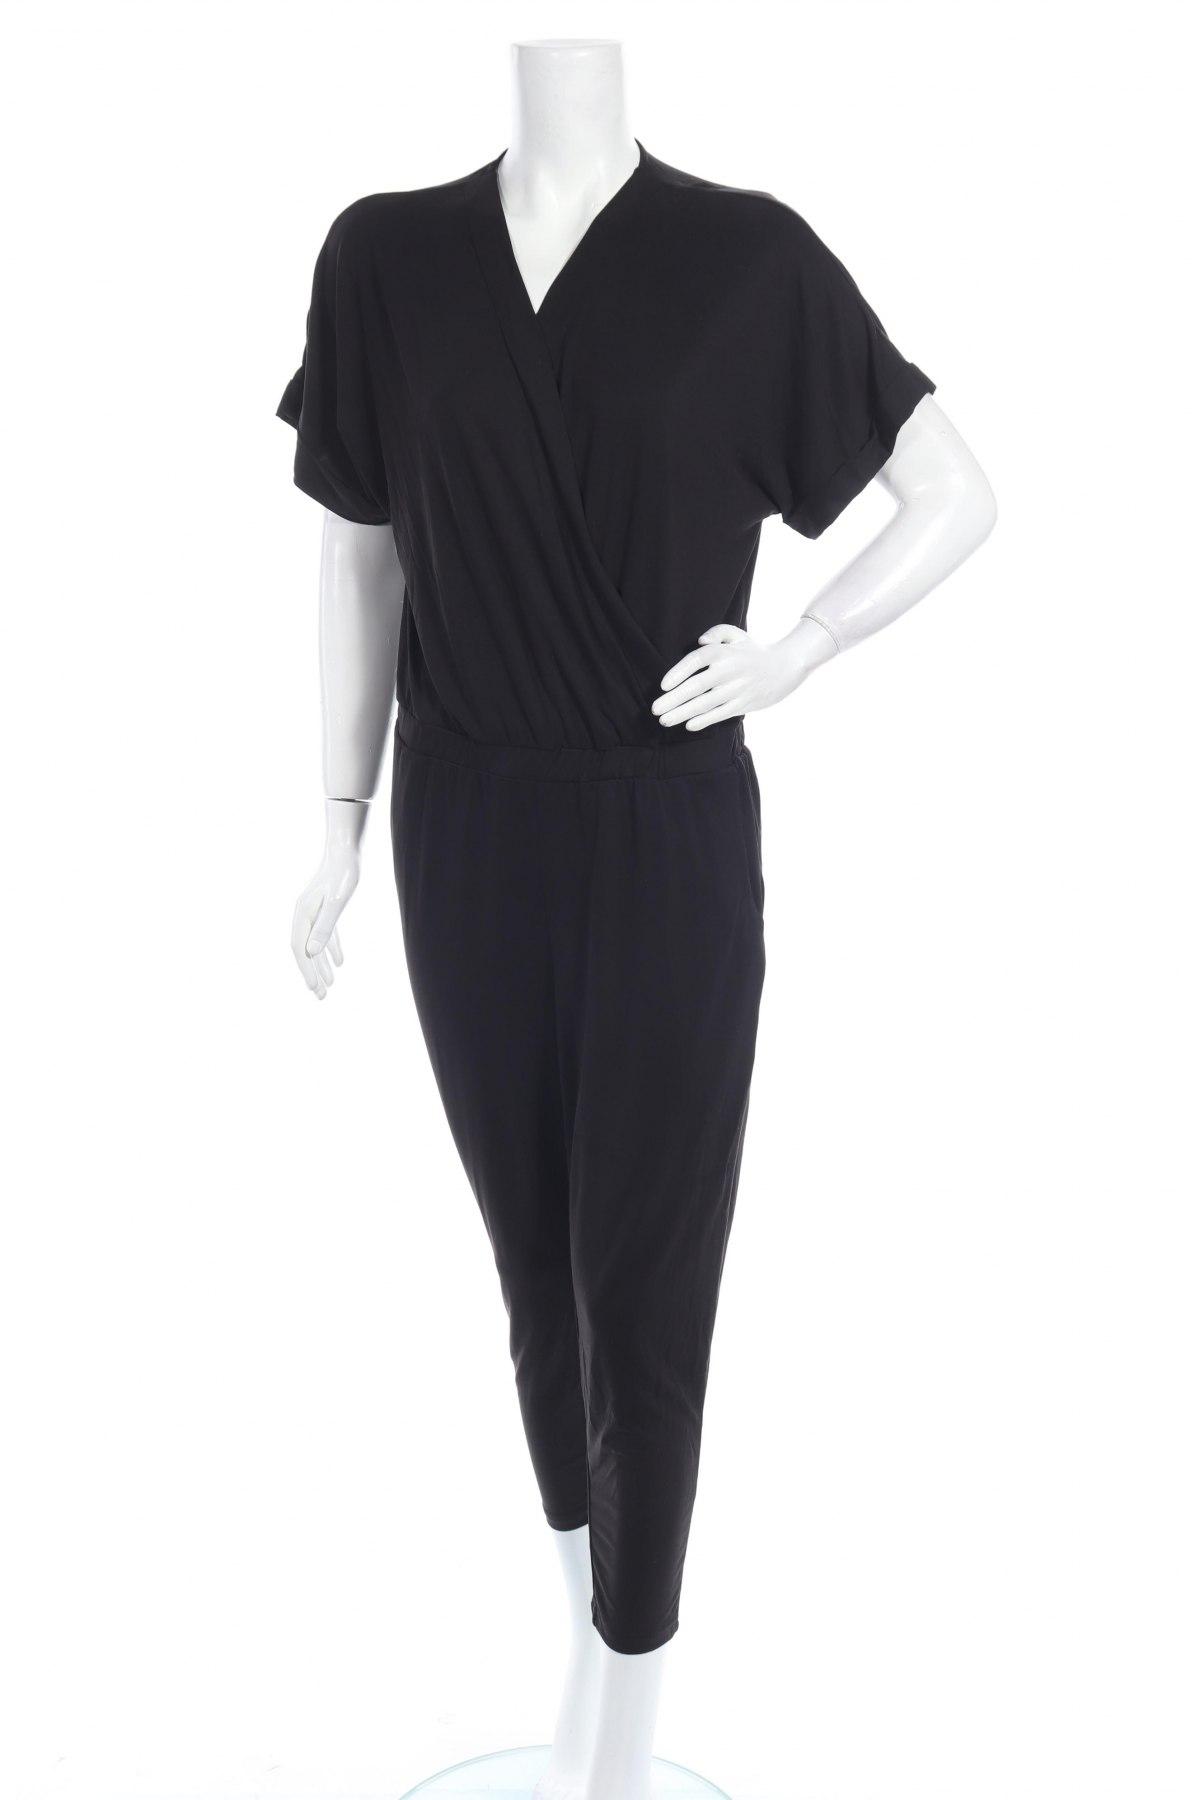 Γυναικεία σαλοπέτα Urban Classics, Μέγεθος XS, Χρώμα Μαύρο, 77% μοντάλ, 23% πολυεστέρας, Τιμή 13,68€